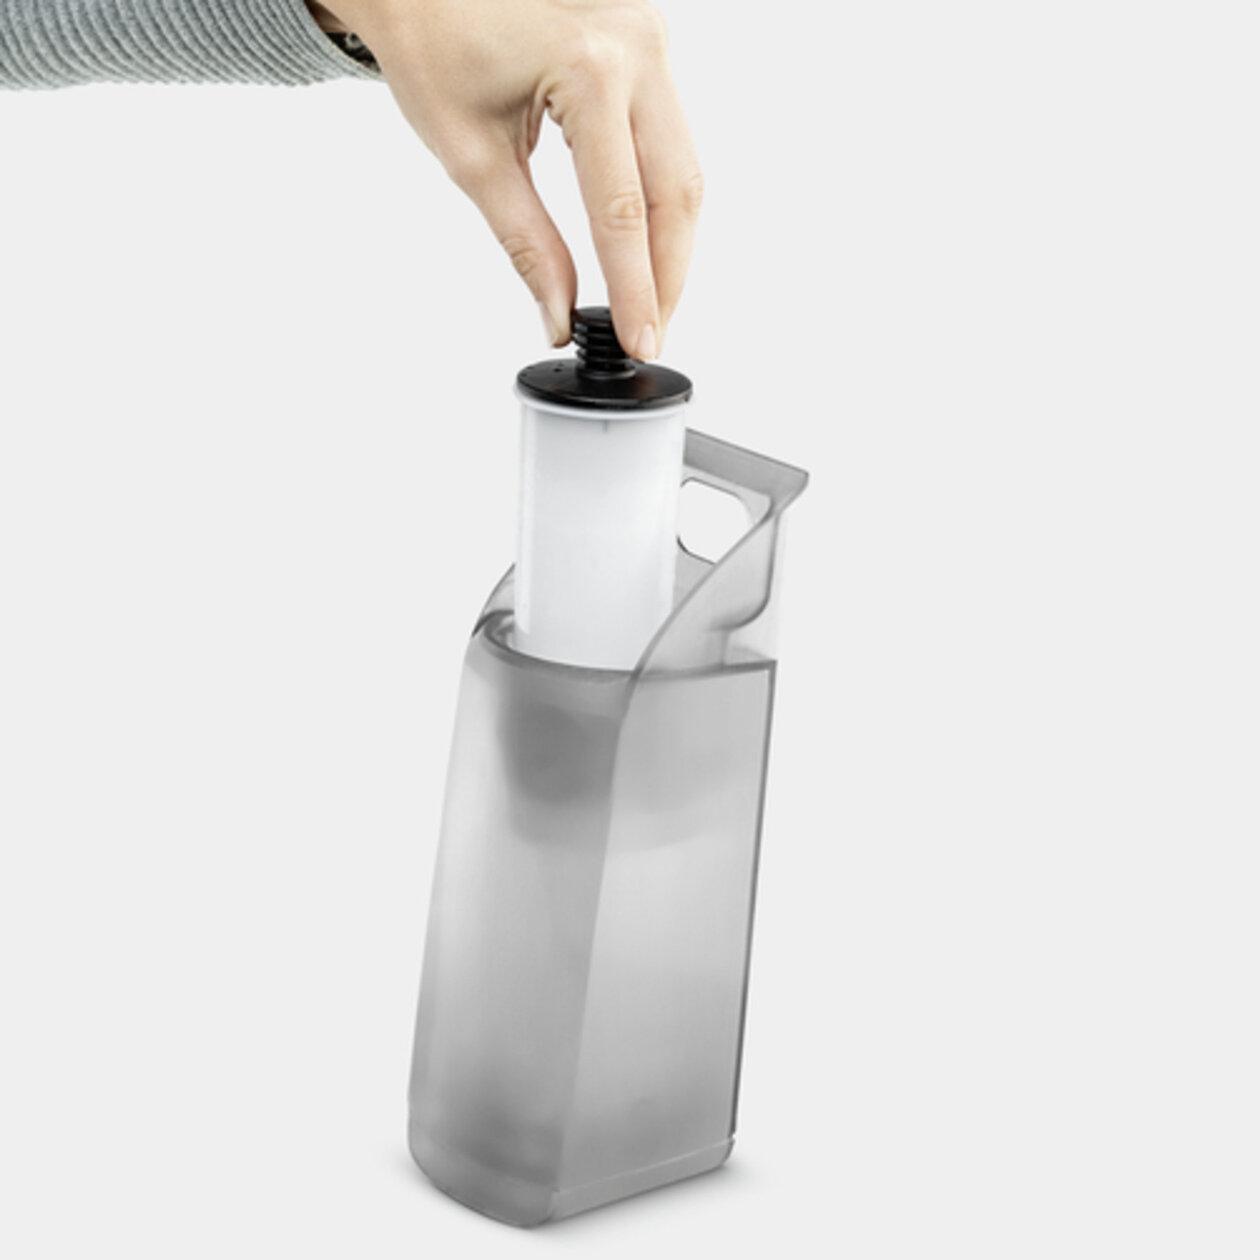 SC 3 Upright EasyFix: Non-stop gőz és beépített vízkőmentesítő patron